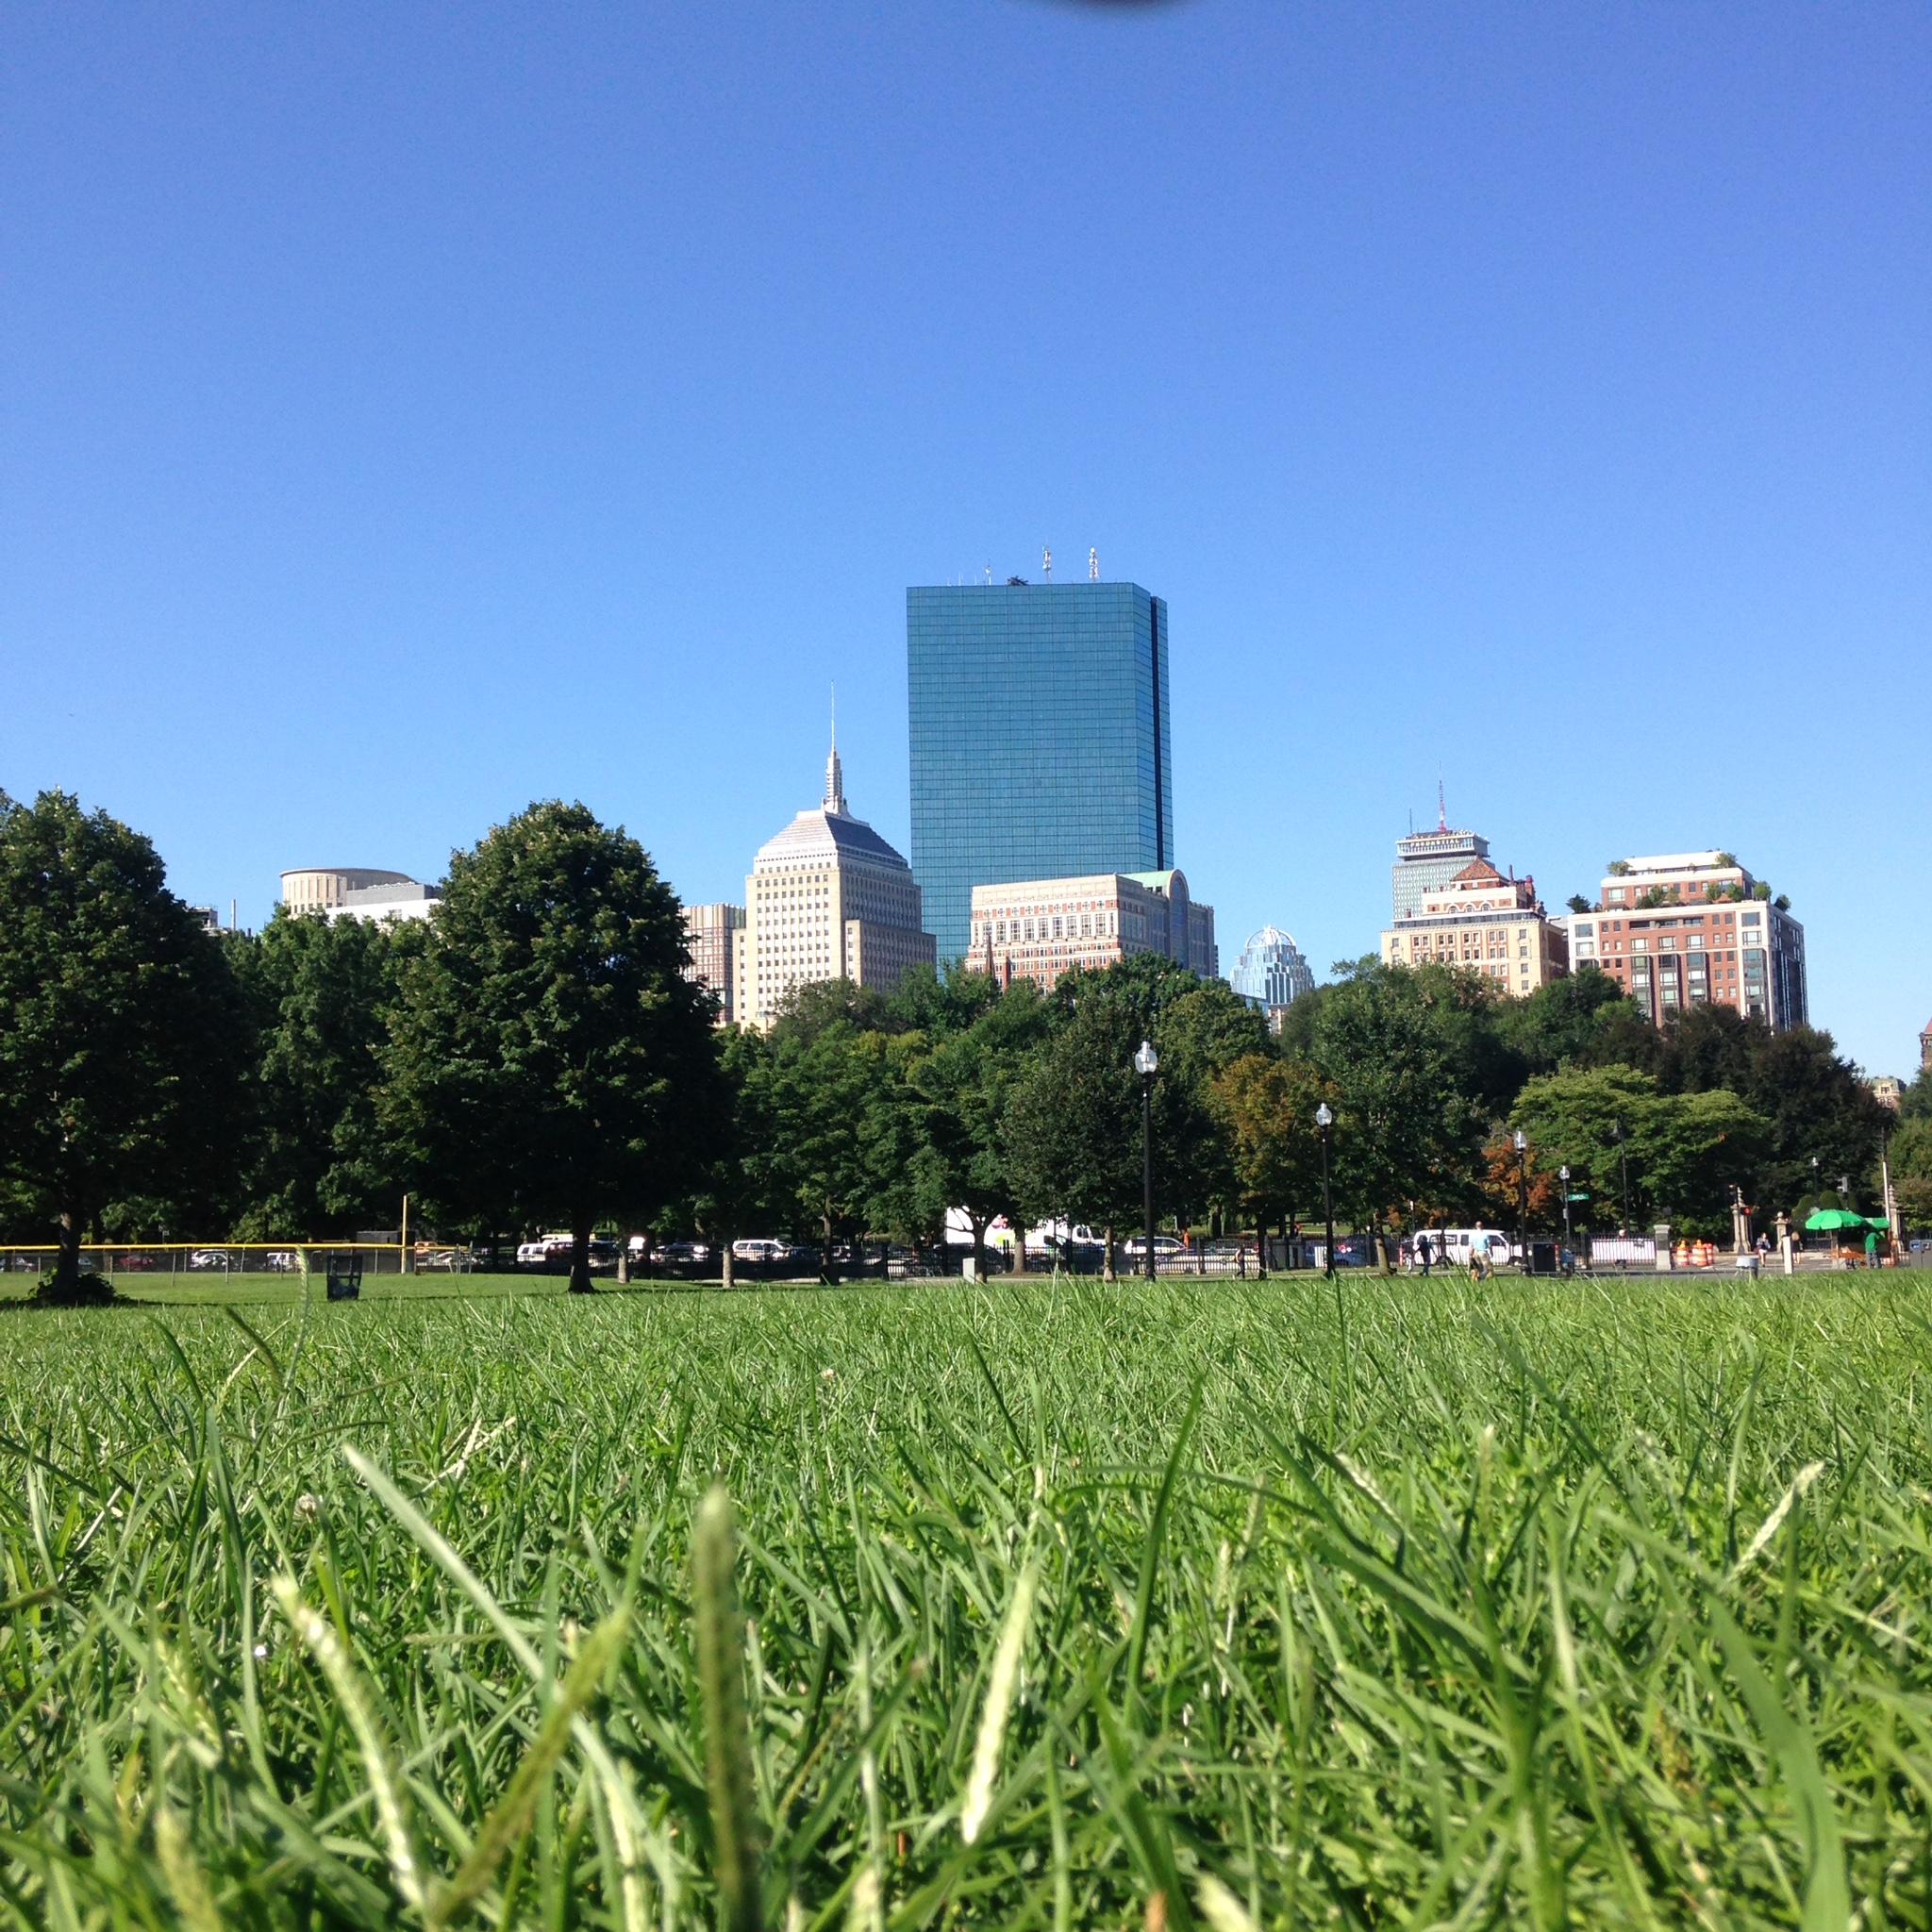 Yennygrams in Boston